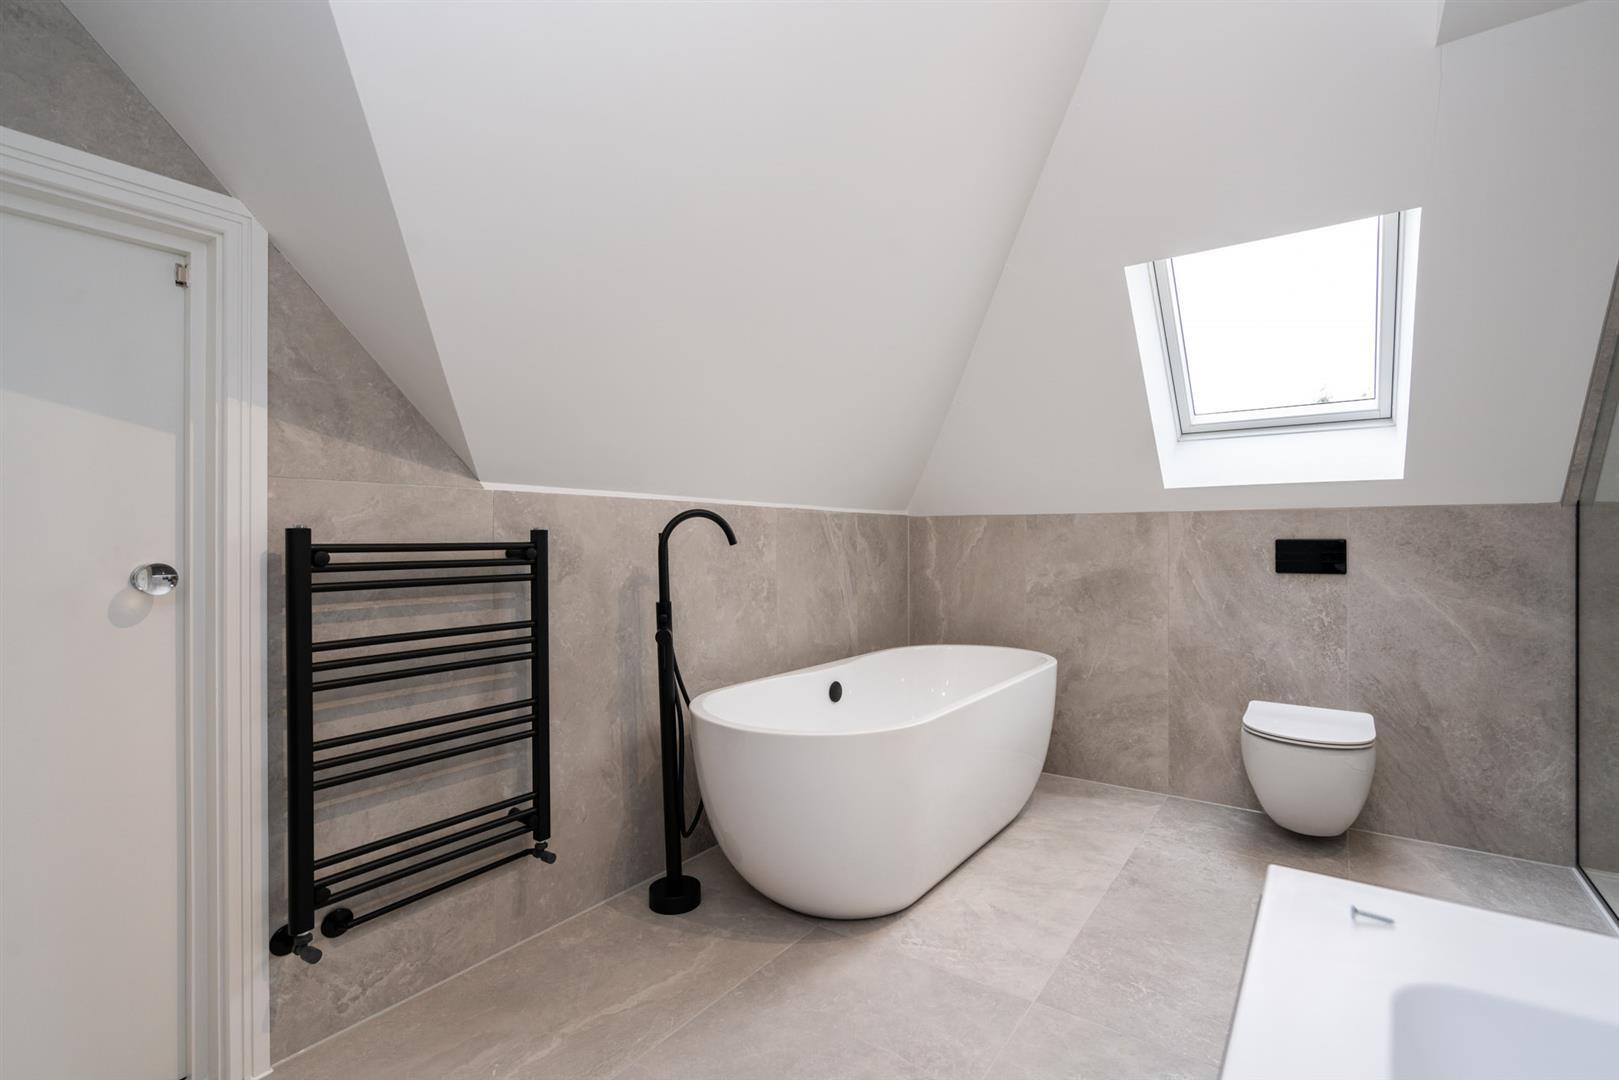 Hillcrest-3198 - bathroom top floor.jpg